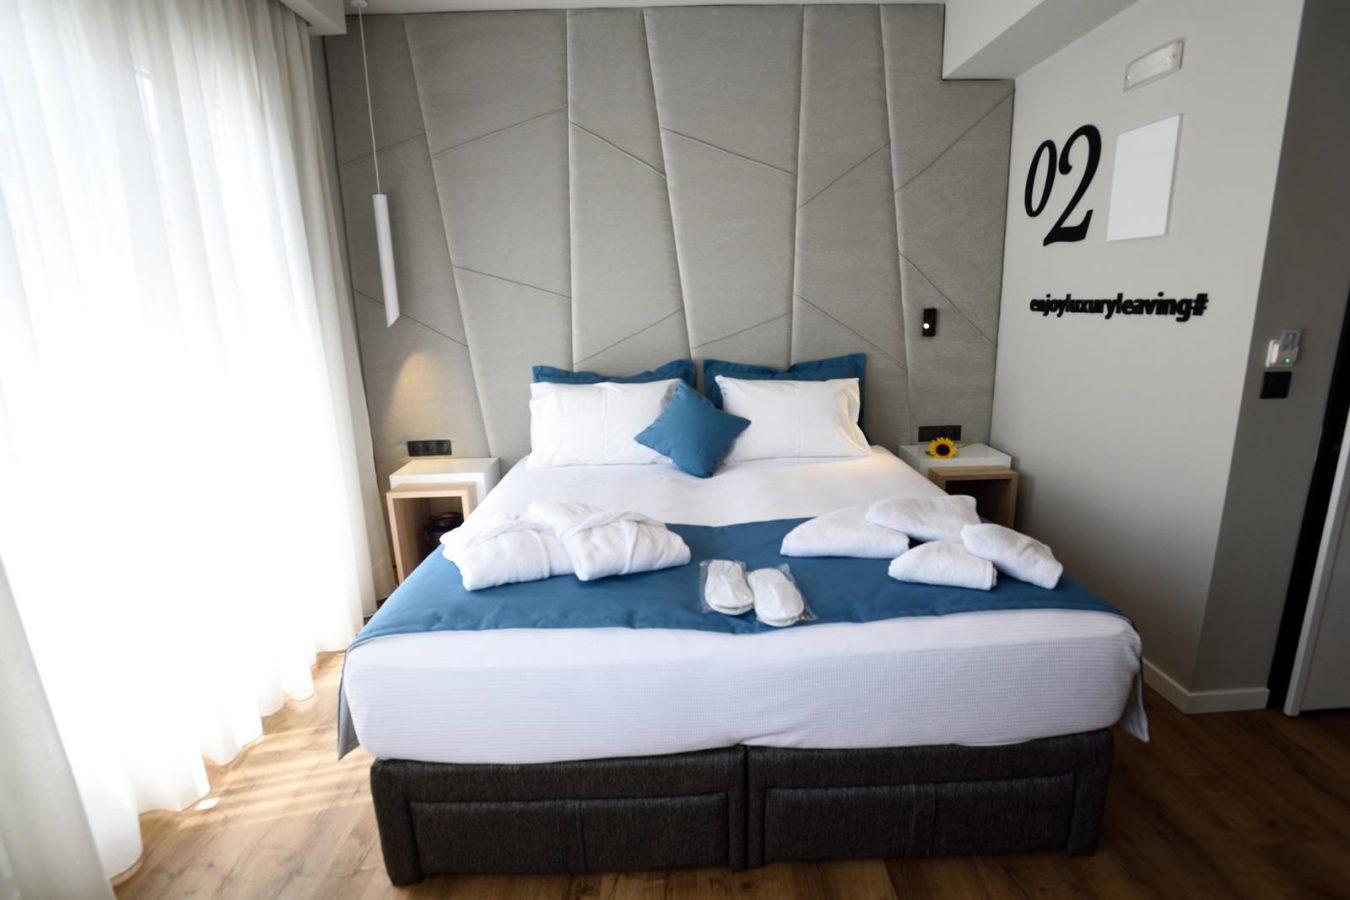 thessaloniki center rooms - magnifique luxury suites